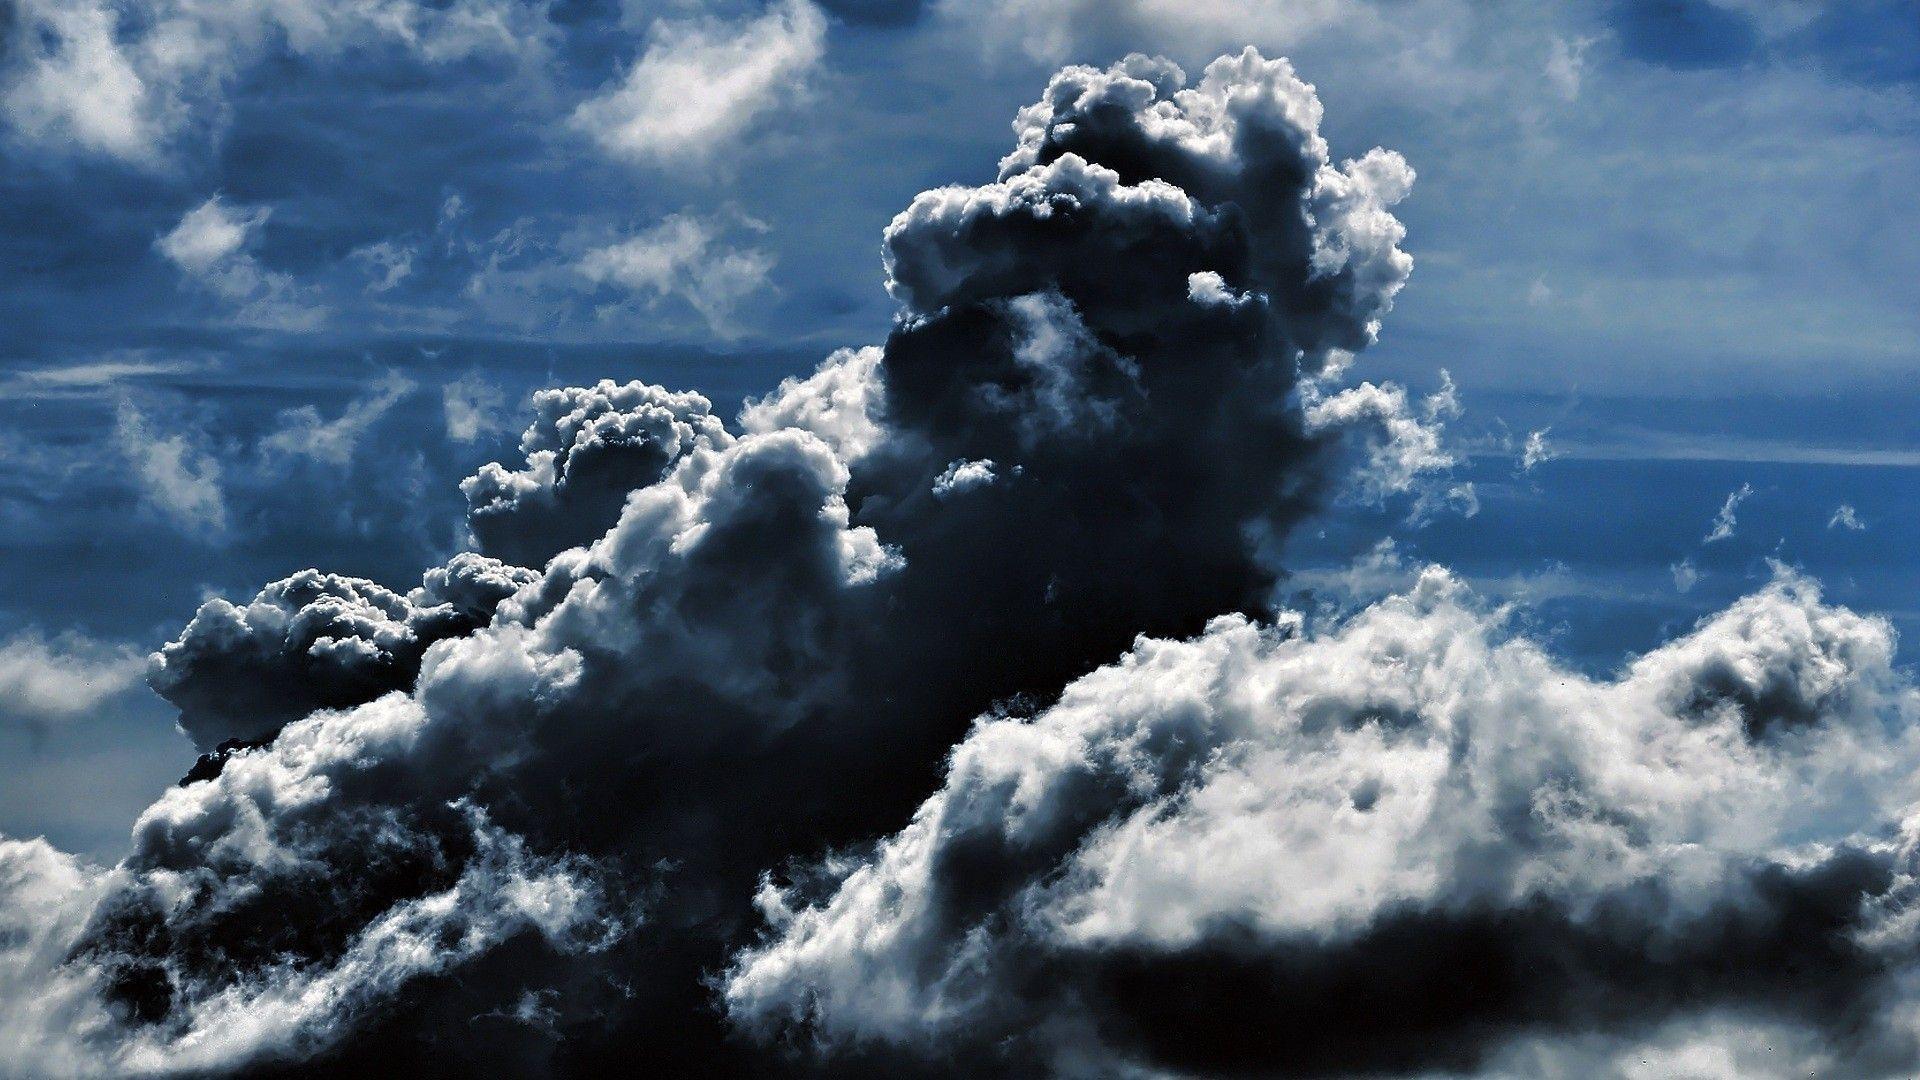 Res: 1920x1080, storm cloud wallpaper hd